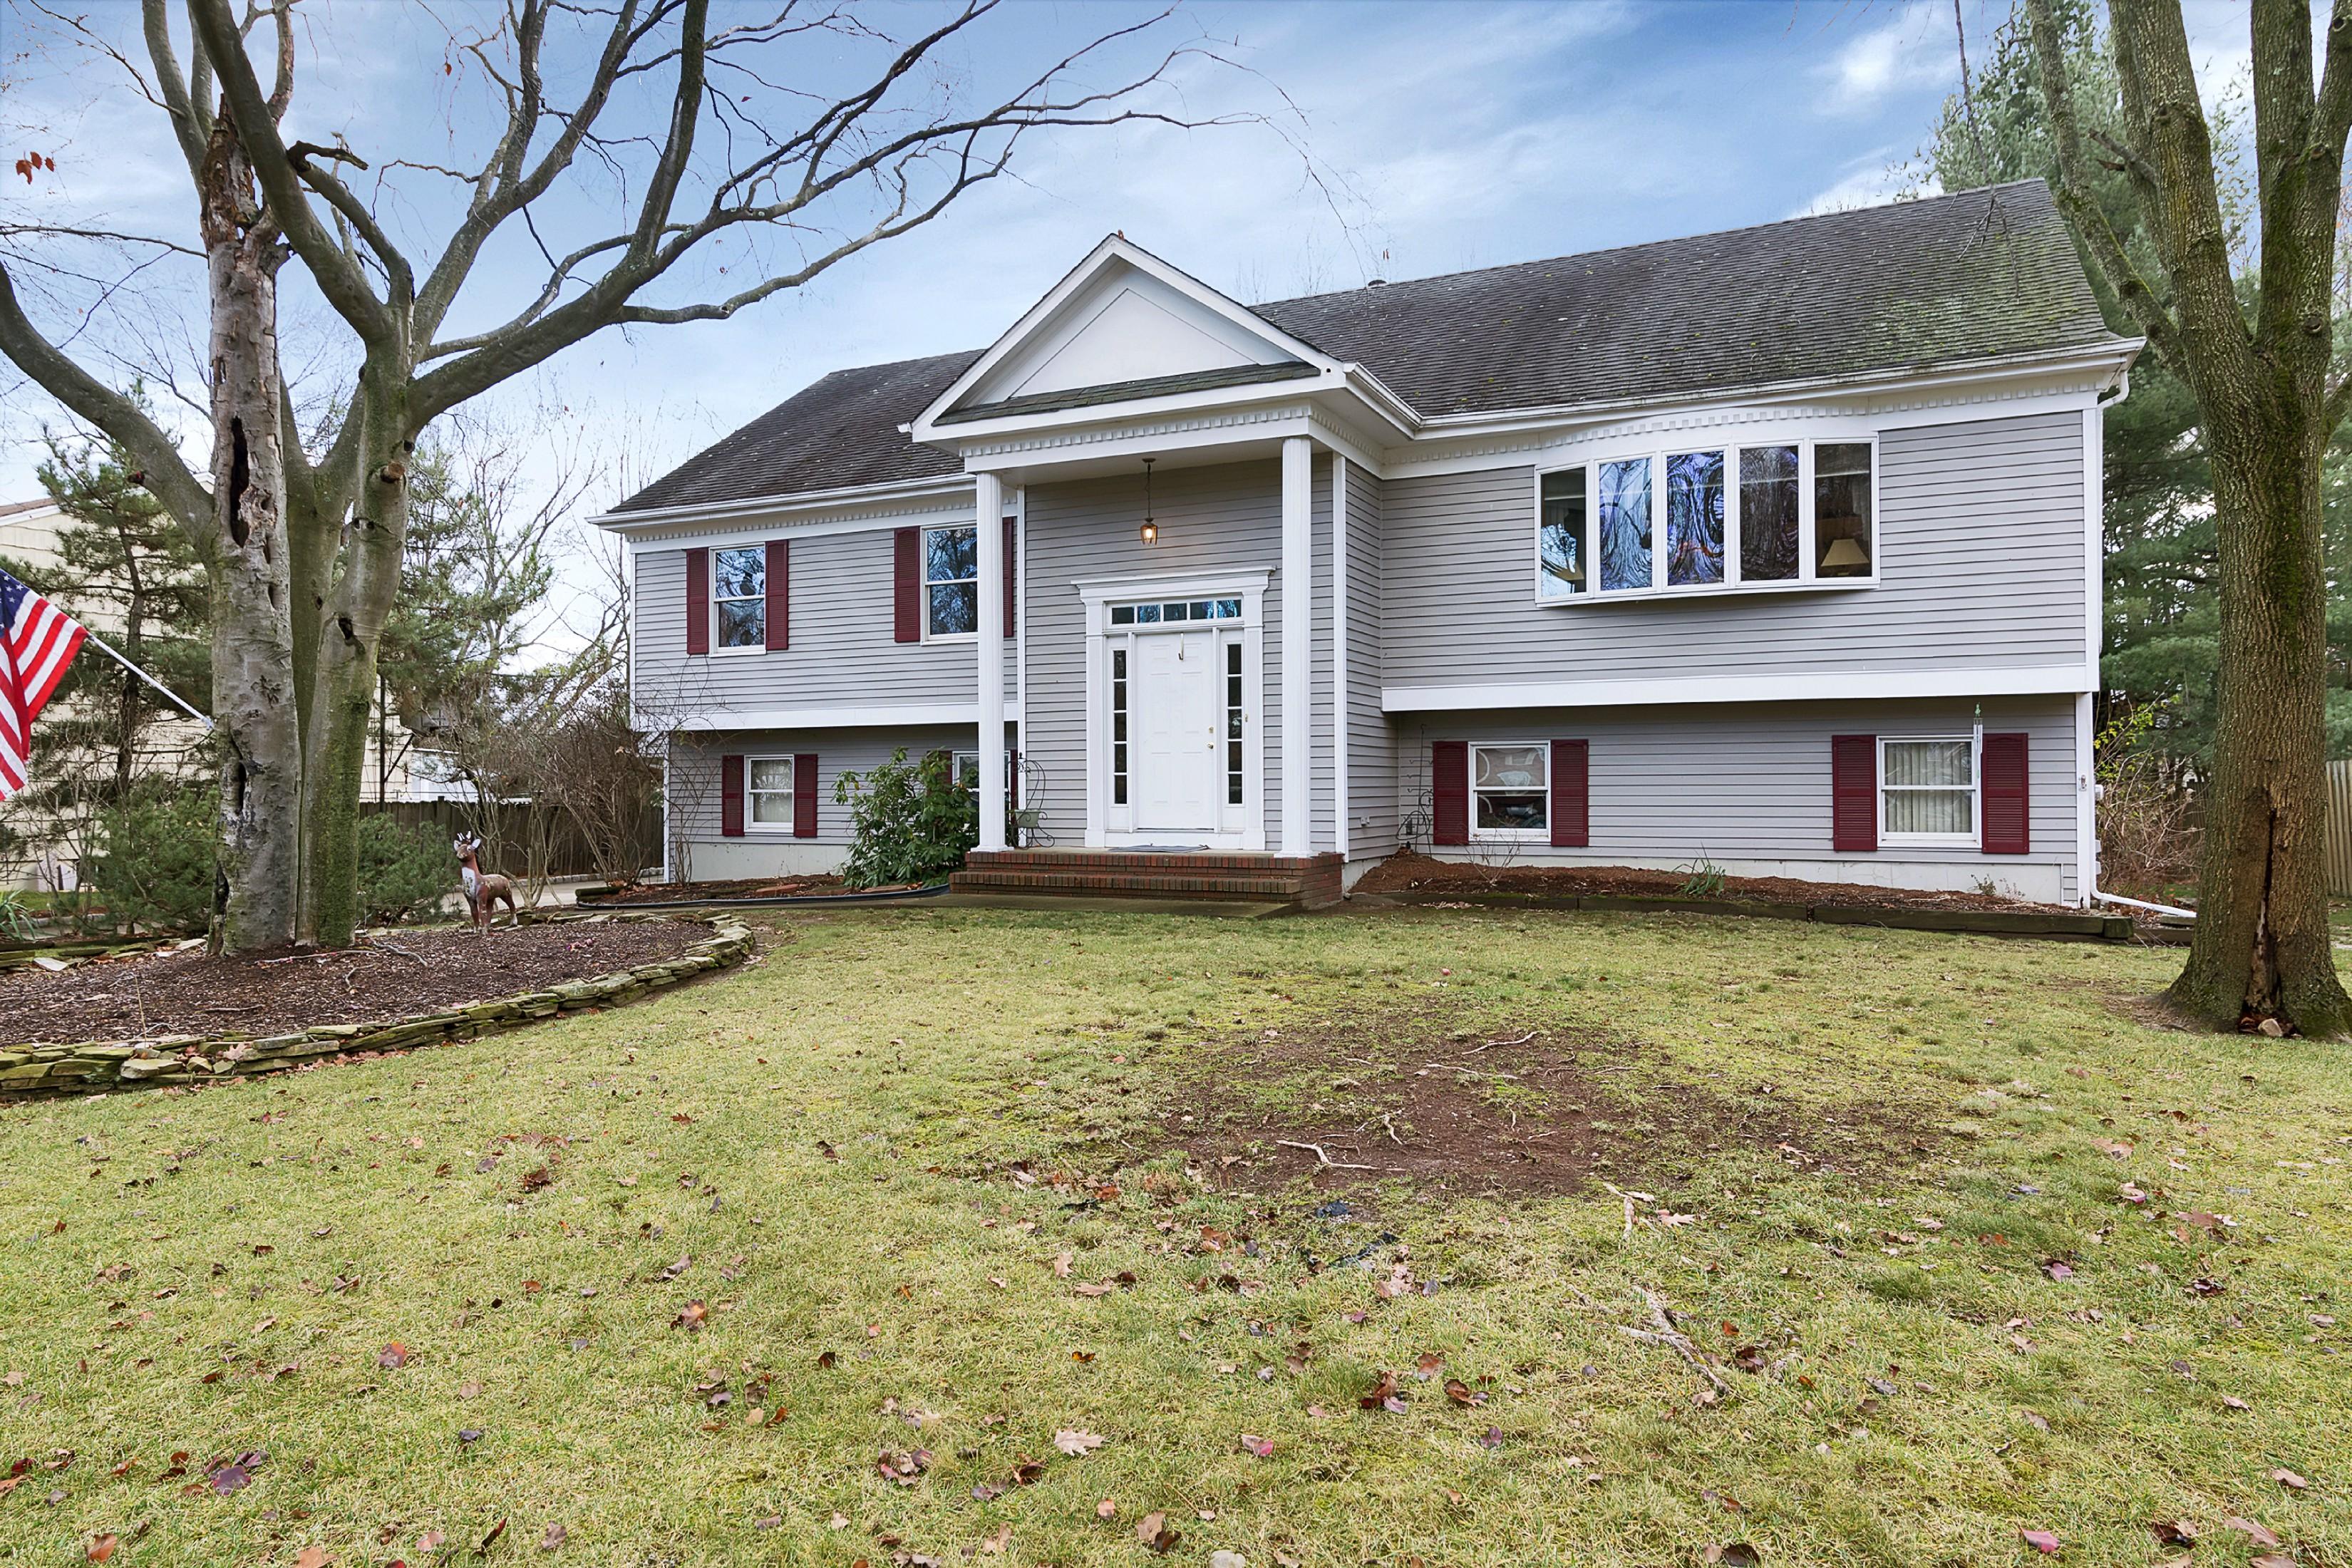 Частный односемейный дом для того Продажа на 15 Barbara St, Parsippany Parsippany, 07054 Соединенные Штаты